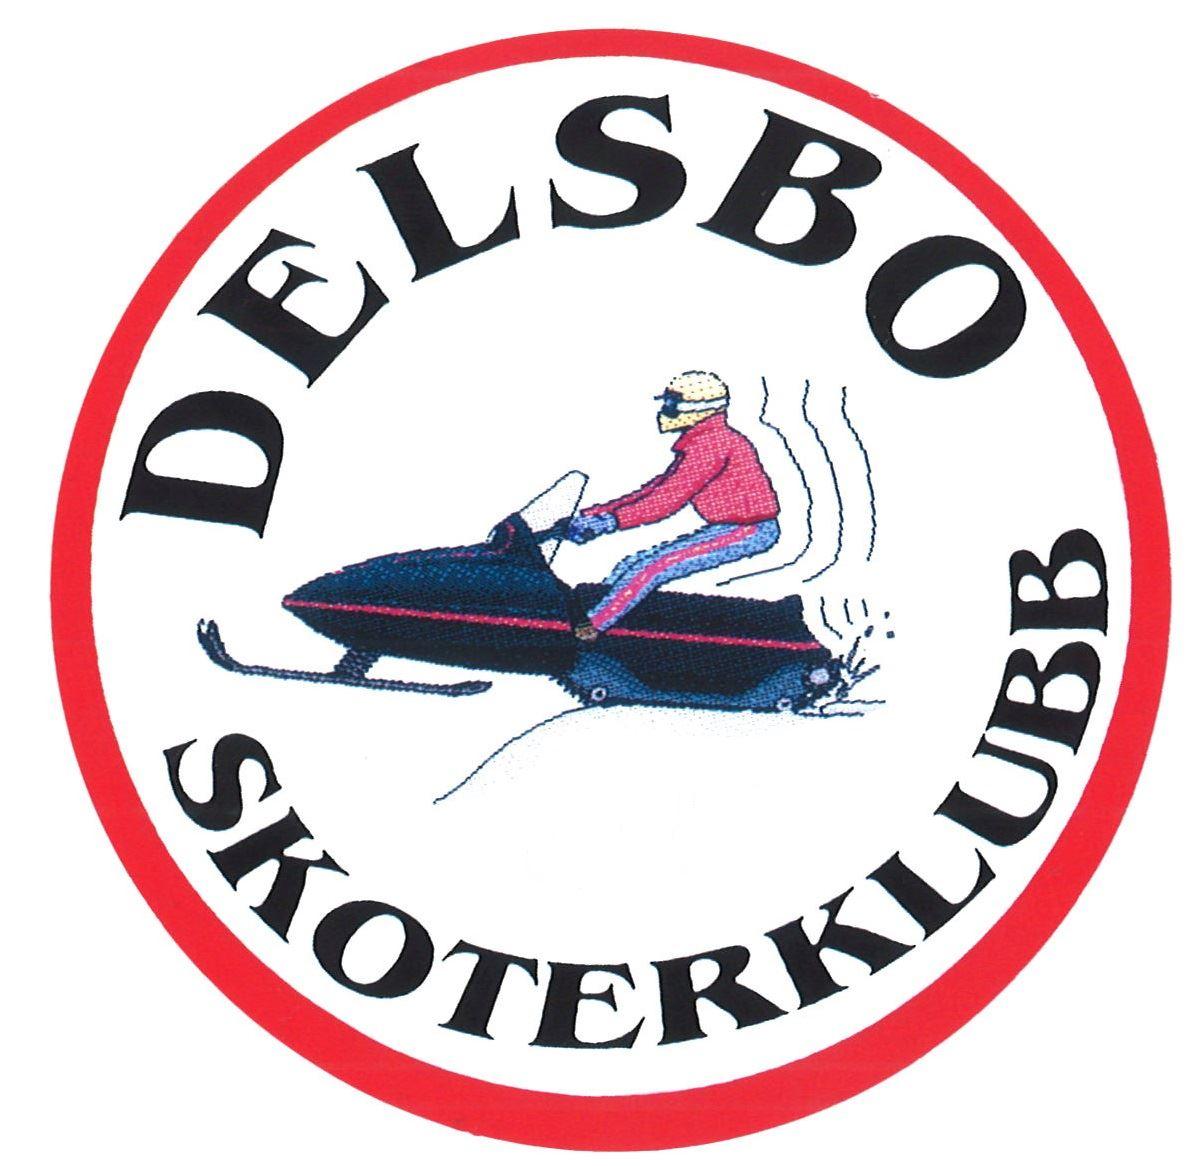 Delsbo Skoterklubb